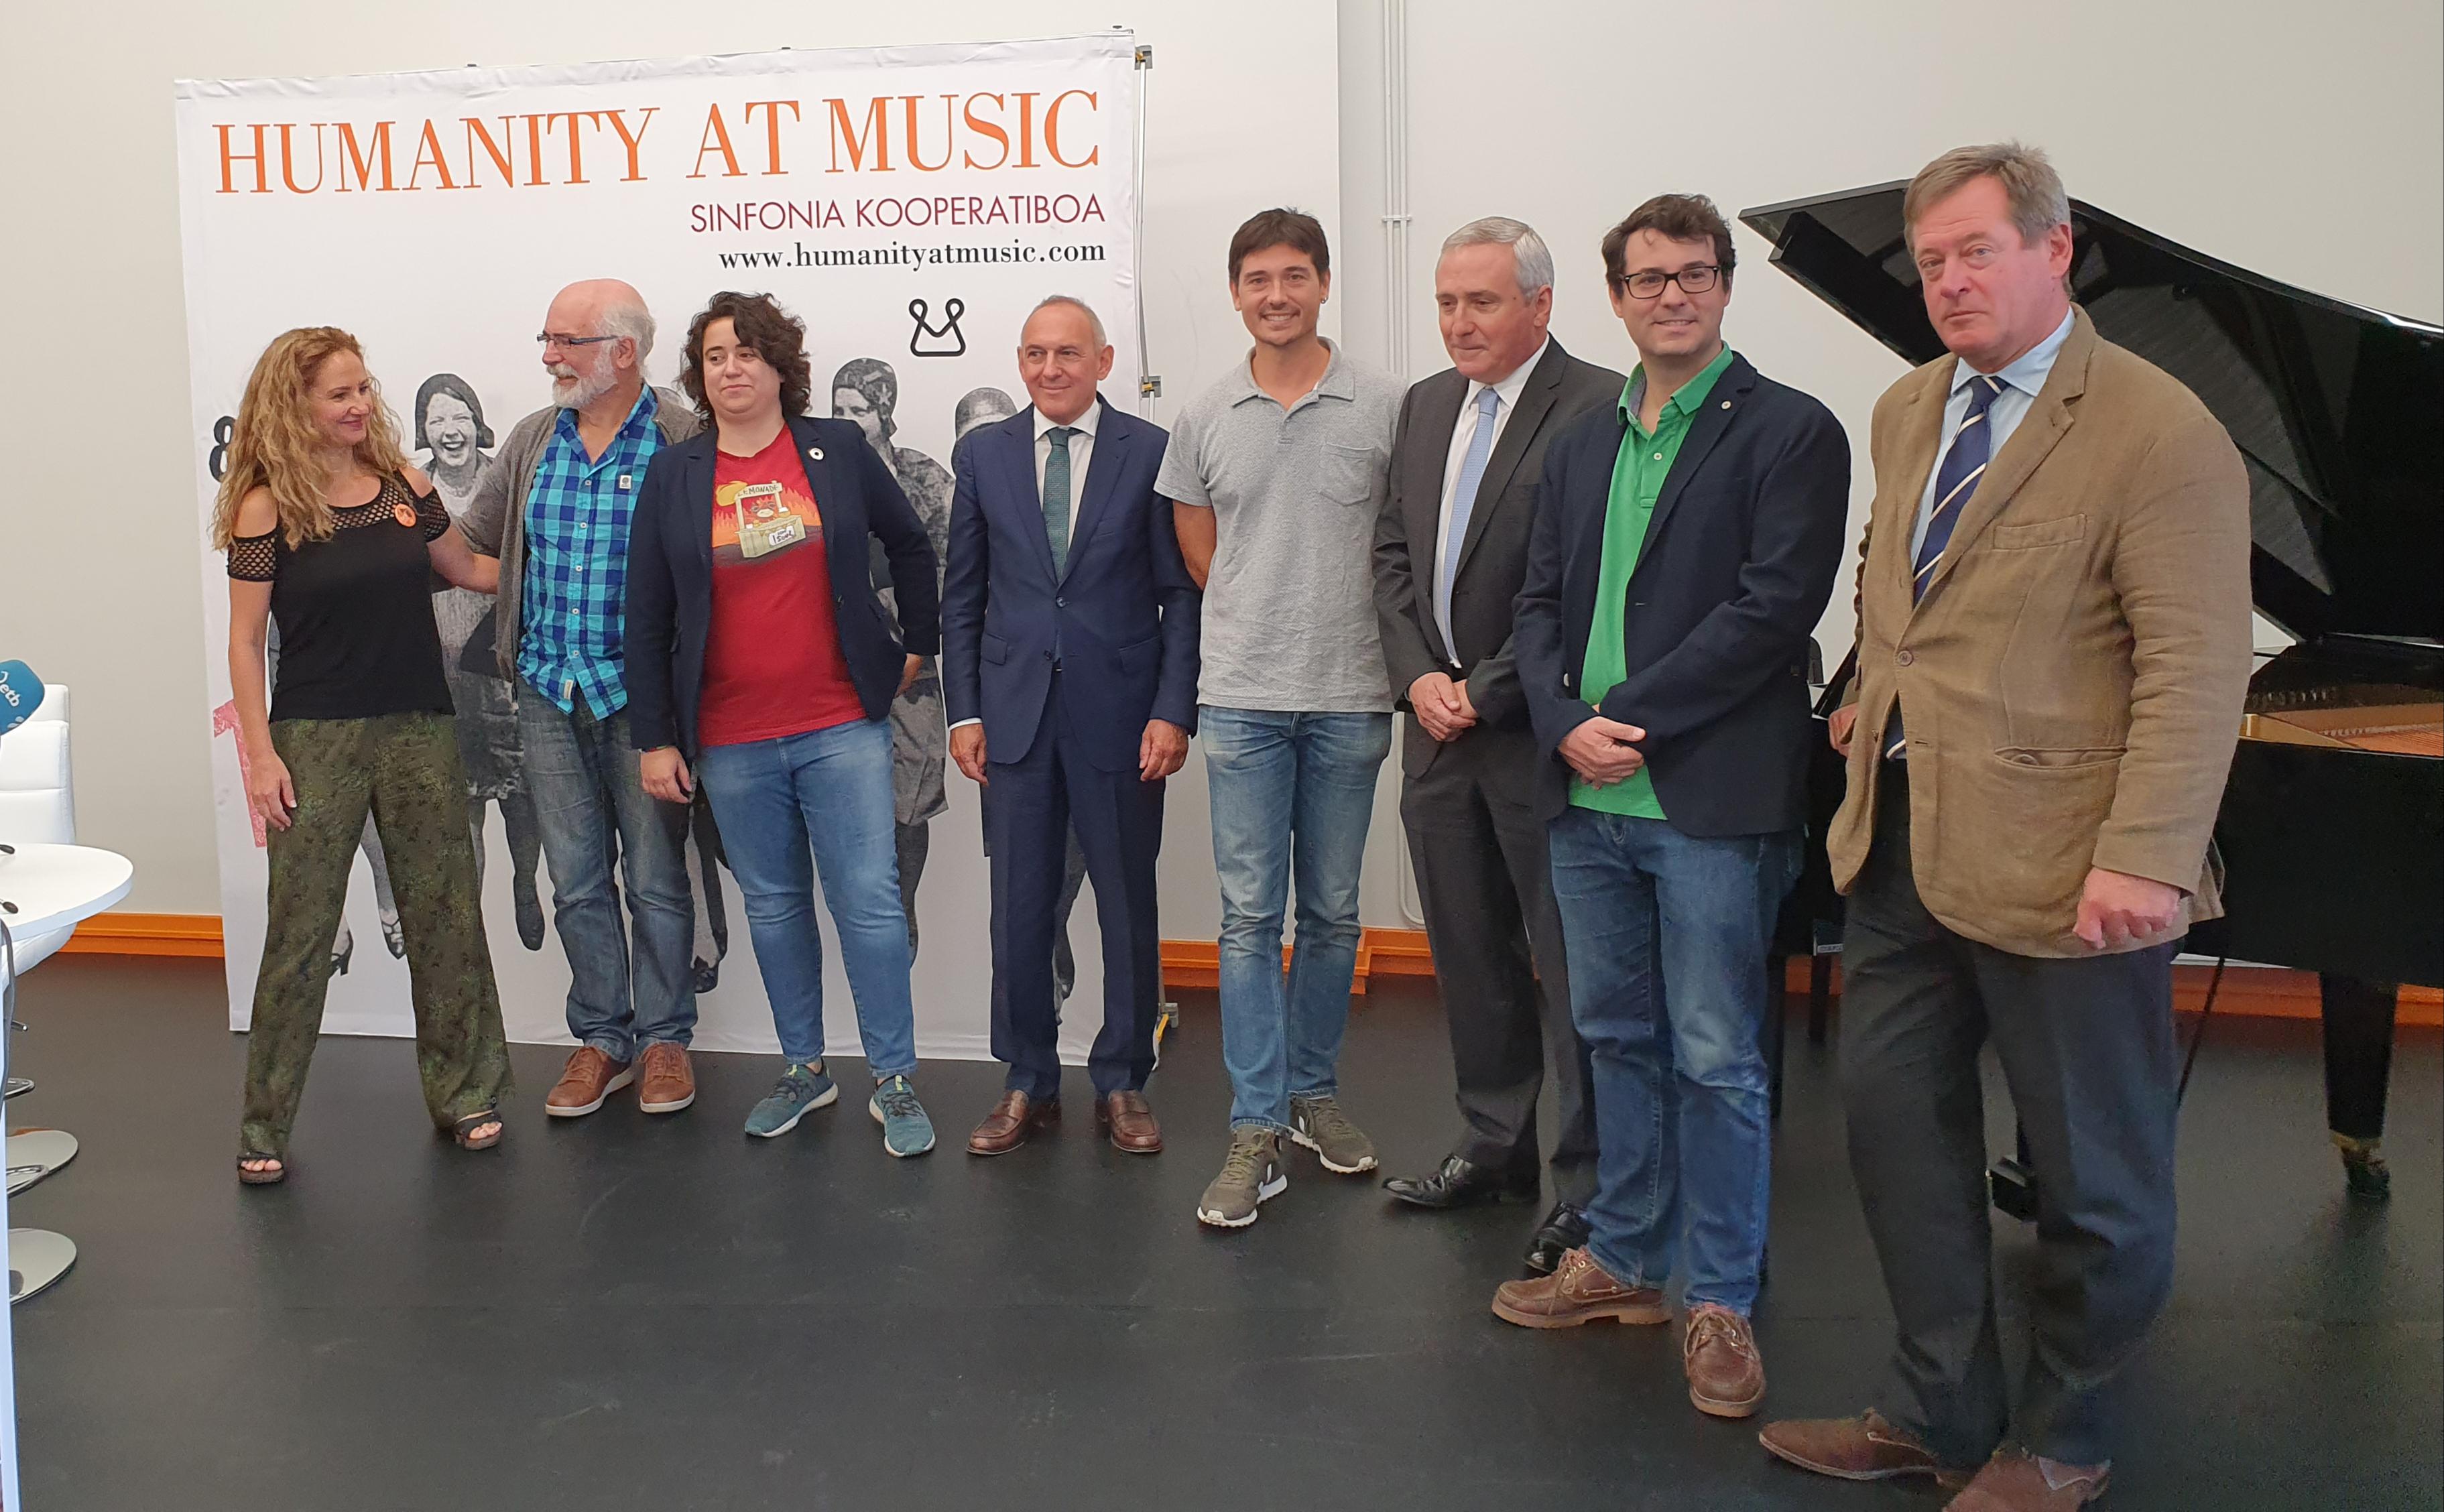 El consejero Bingen Zupiria ha participado en la presentación de 'Humanity at music', organizado por Mondragón Korporazioa